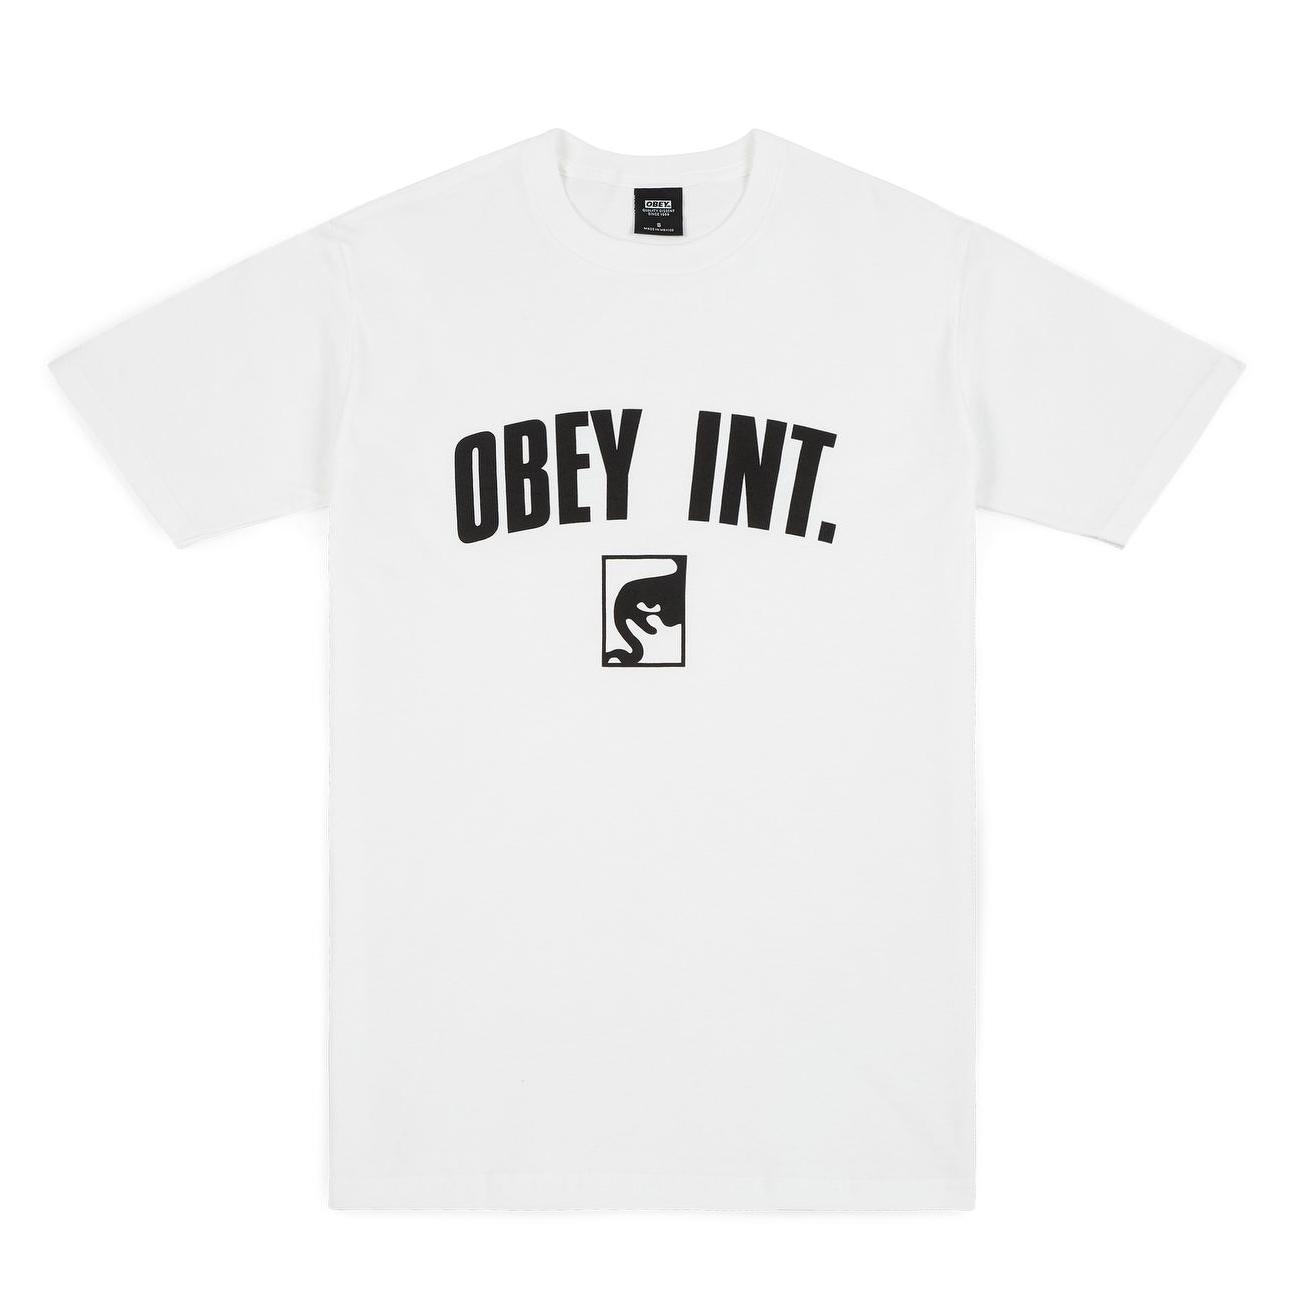 [OBEY] 오베이반팔 OBEY INT. 165361789 WHITE